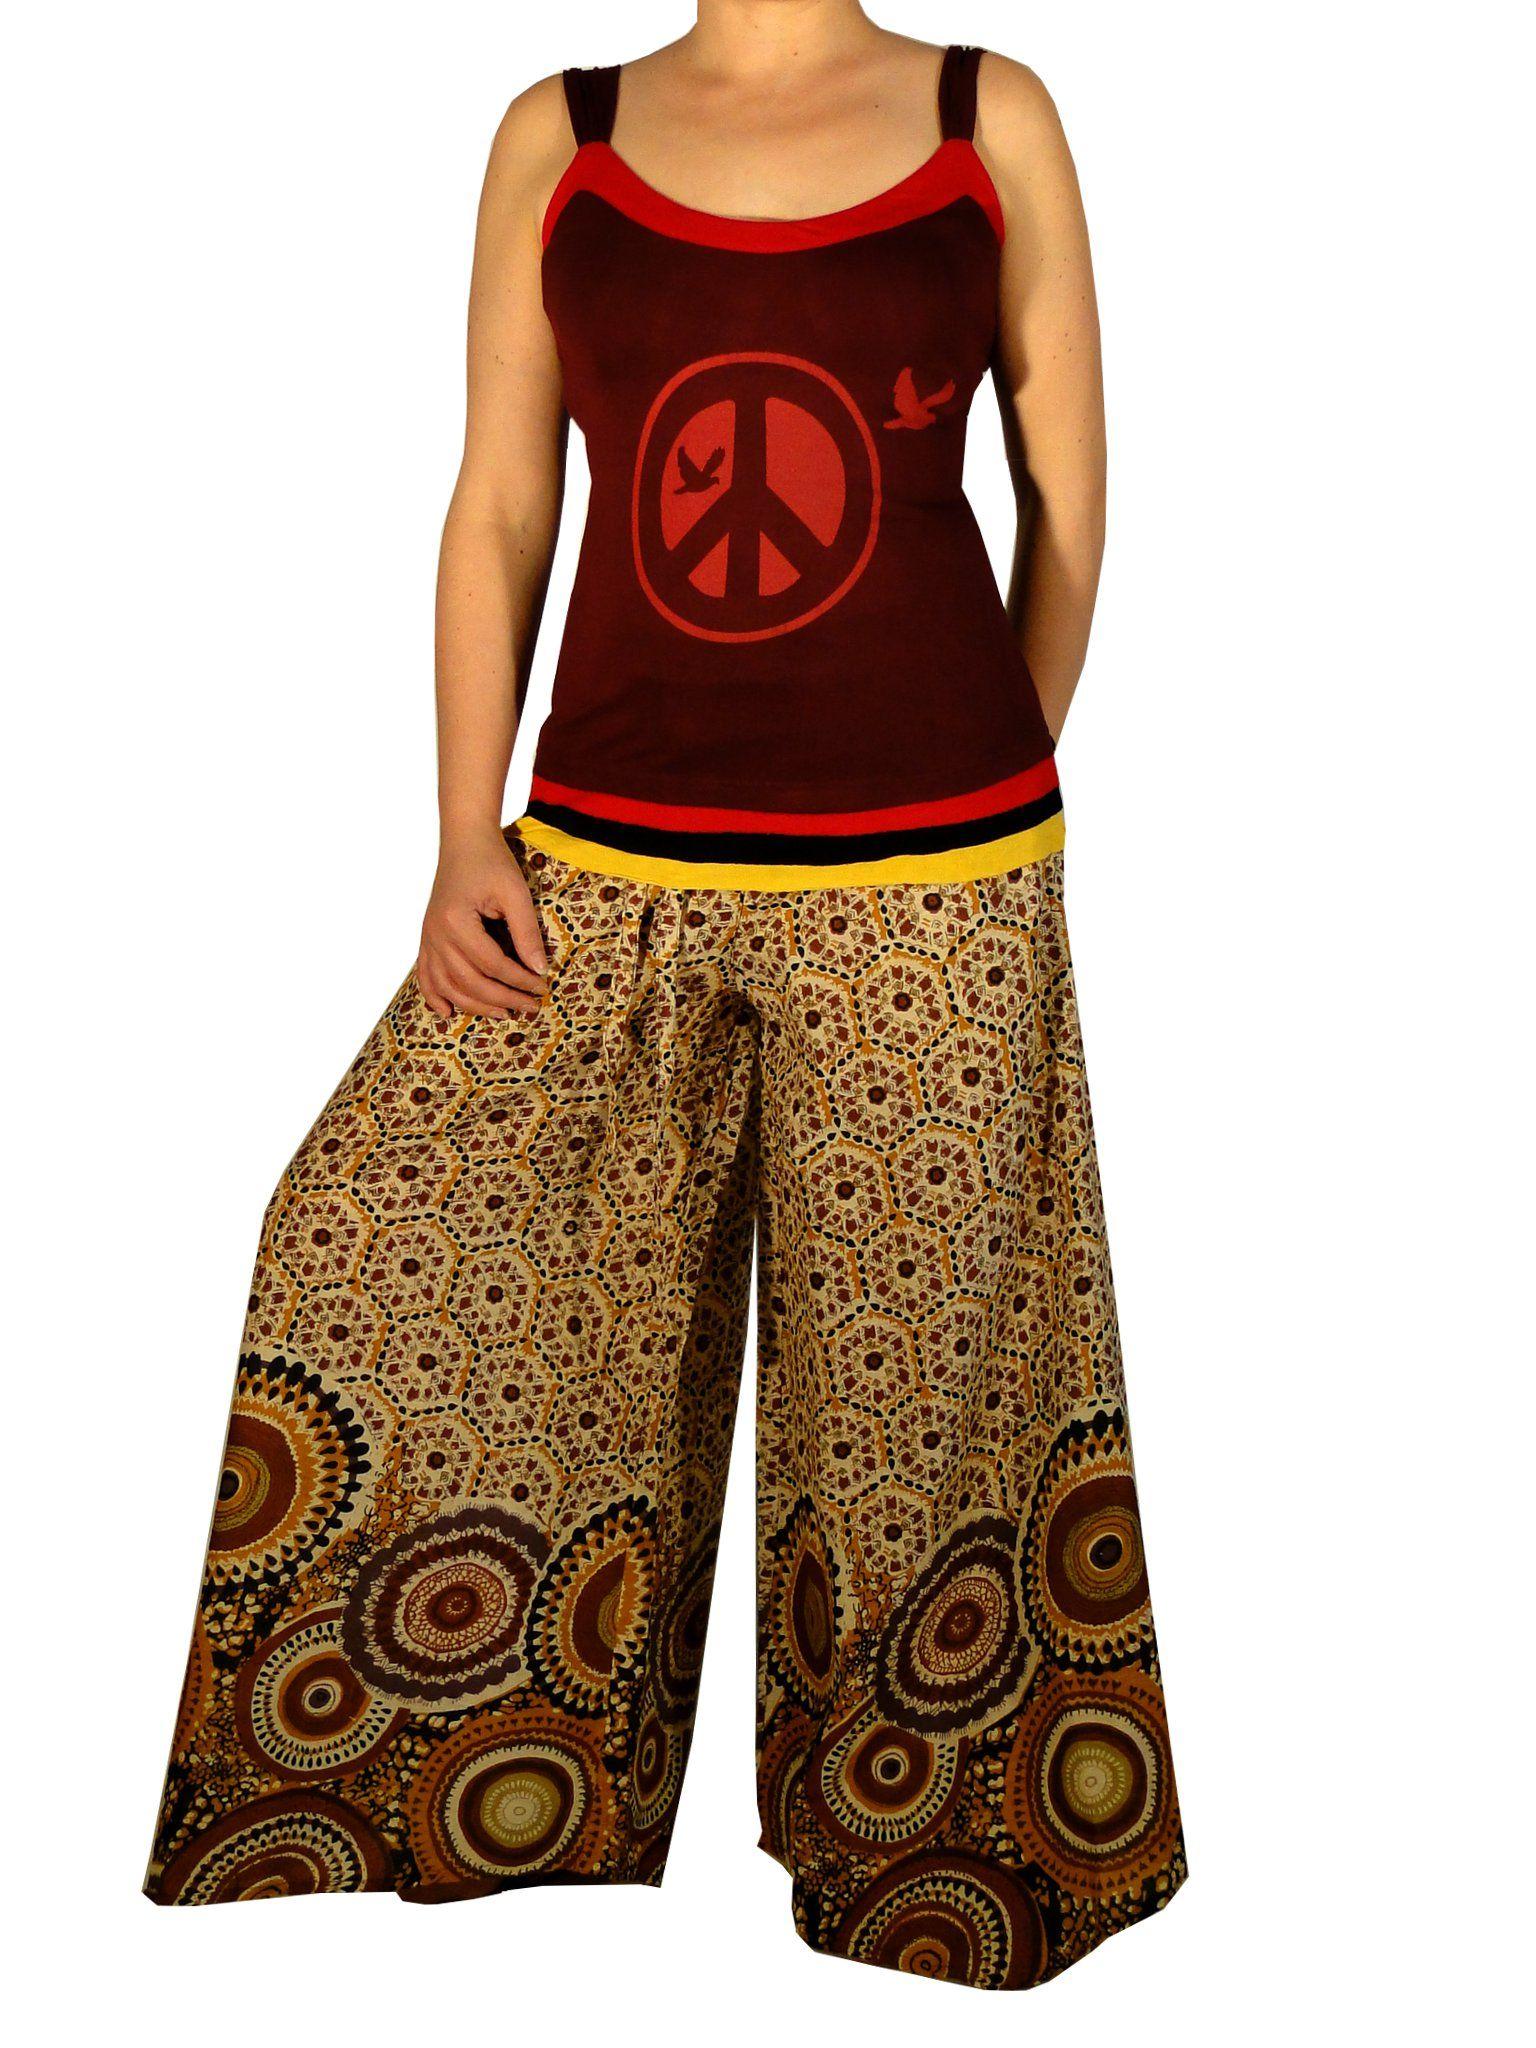 v tements ethniques pantalon papillon graphic marron mode ethniques chics sarouel pantalon. Black Bedroom Furniture Sets. Home Design Ideas